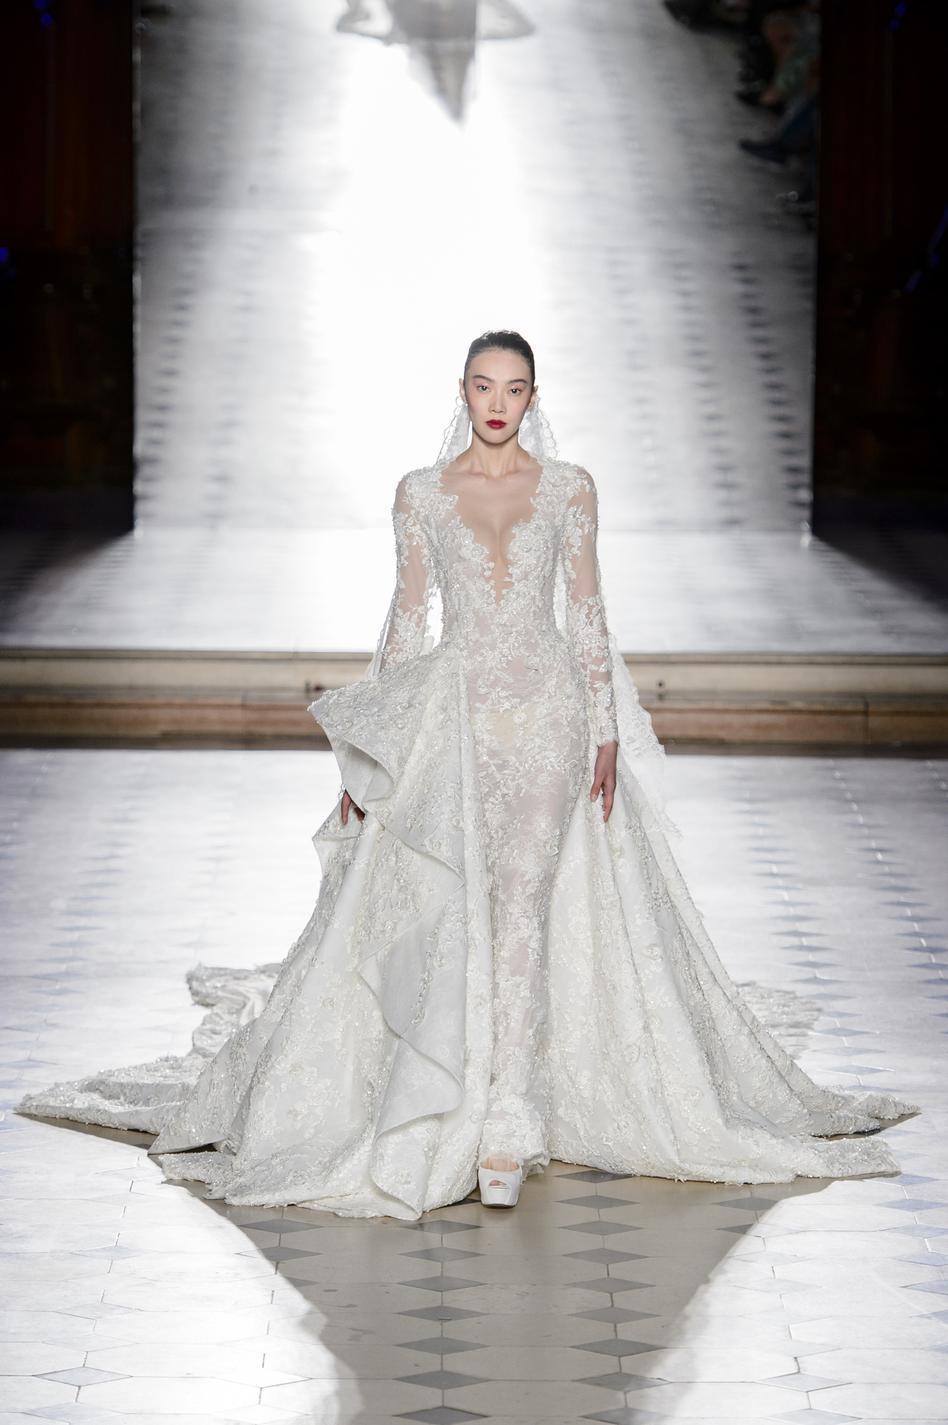 chanel dior schiaparelli les plus belles robes de mari e. Black Bedroom Furniture Sets. Home Design Ideas